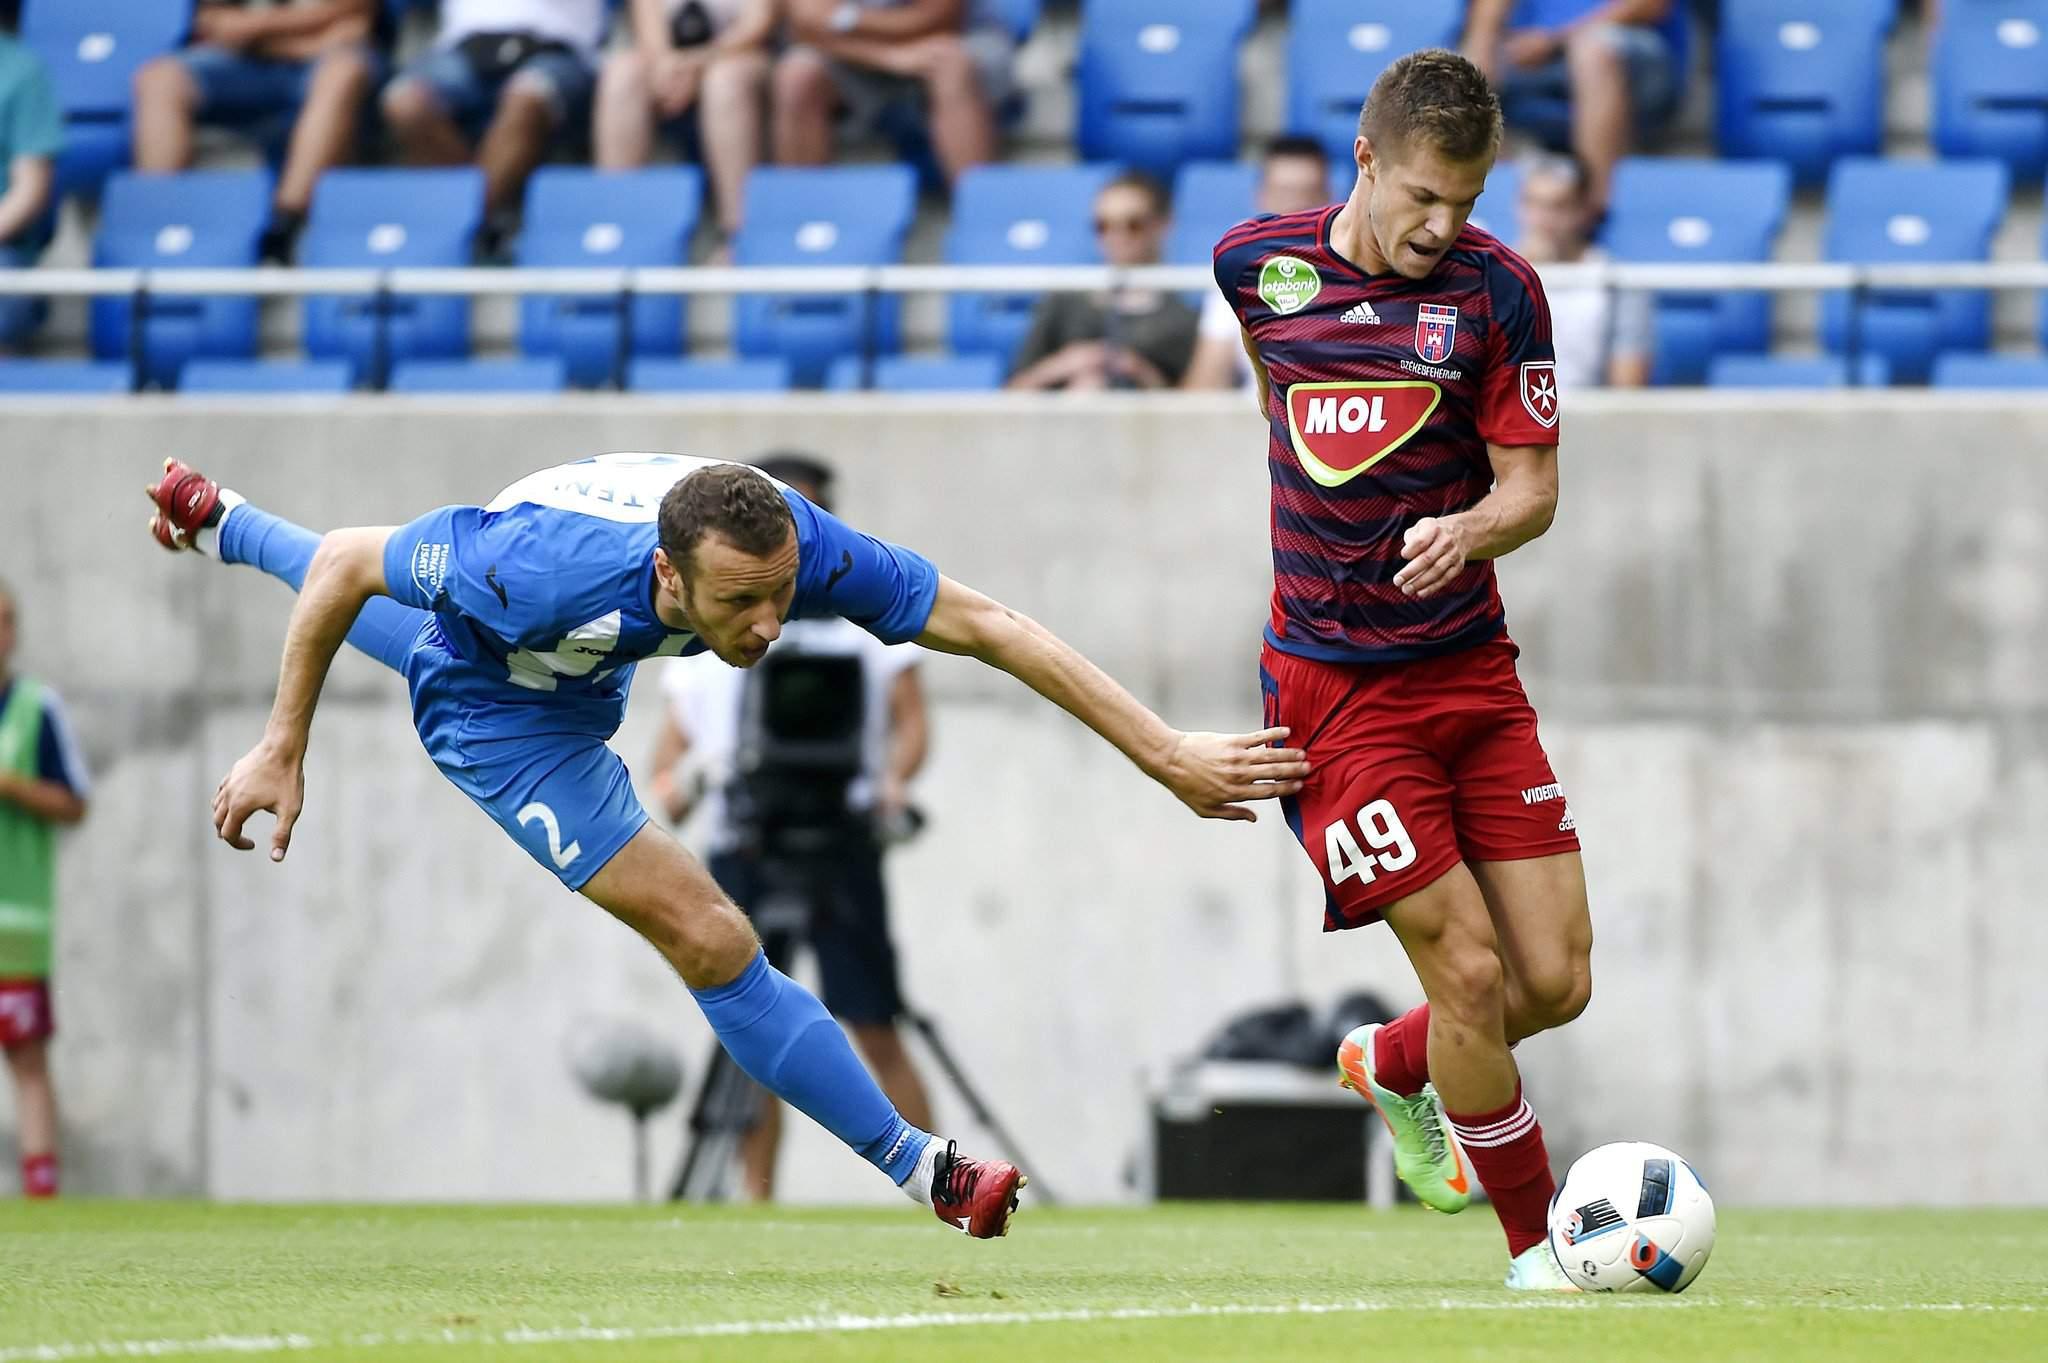 UEFA Europa League – Videoton take a three goal lead into the second leg